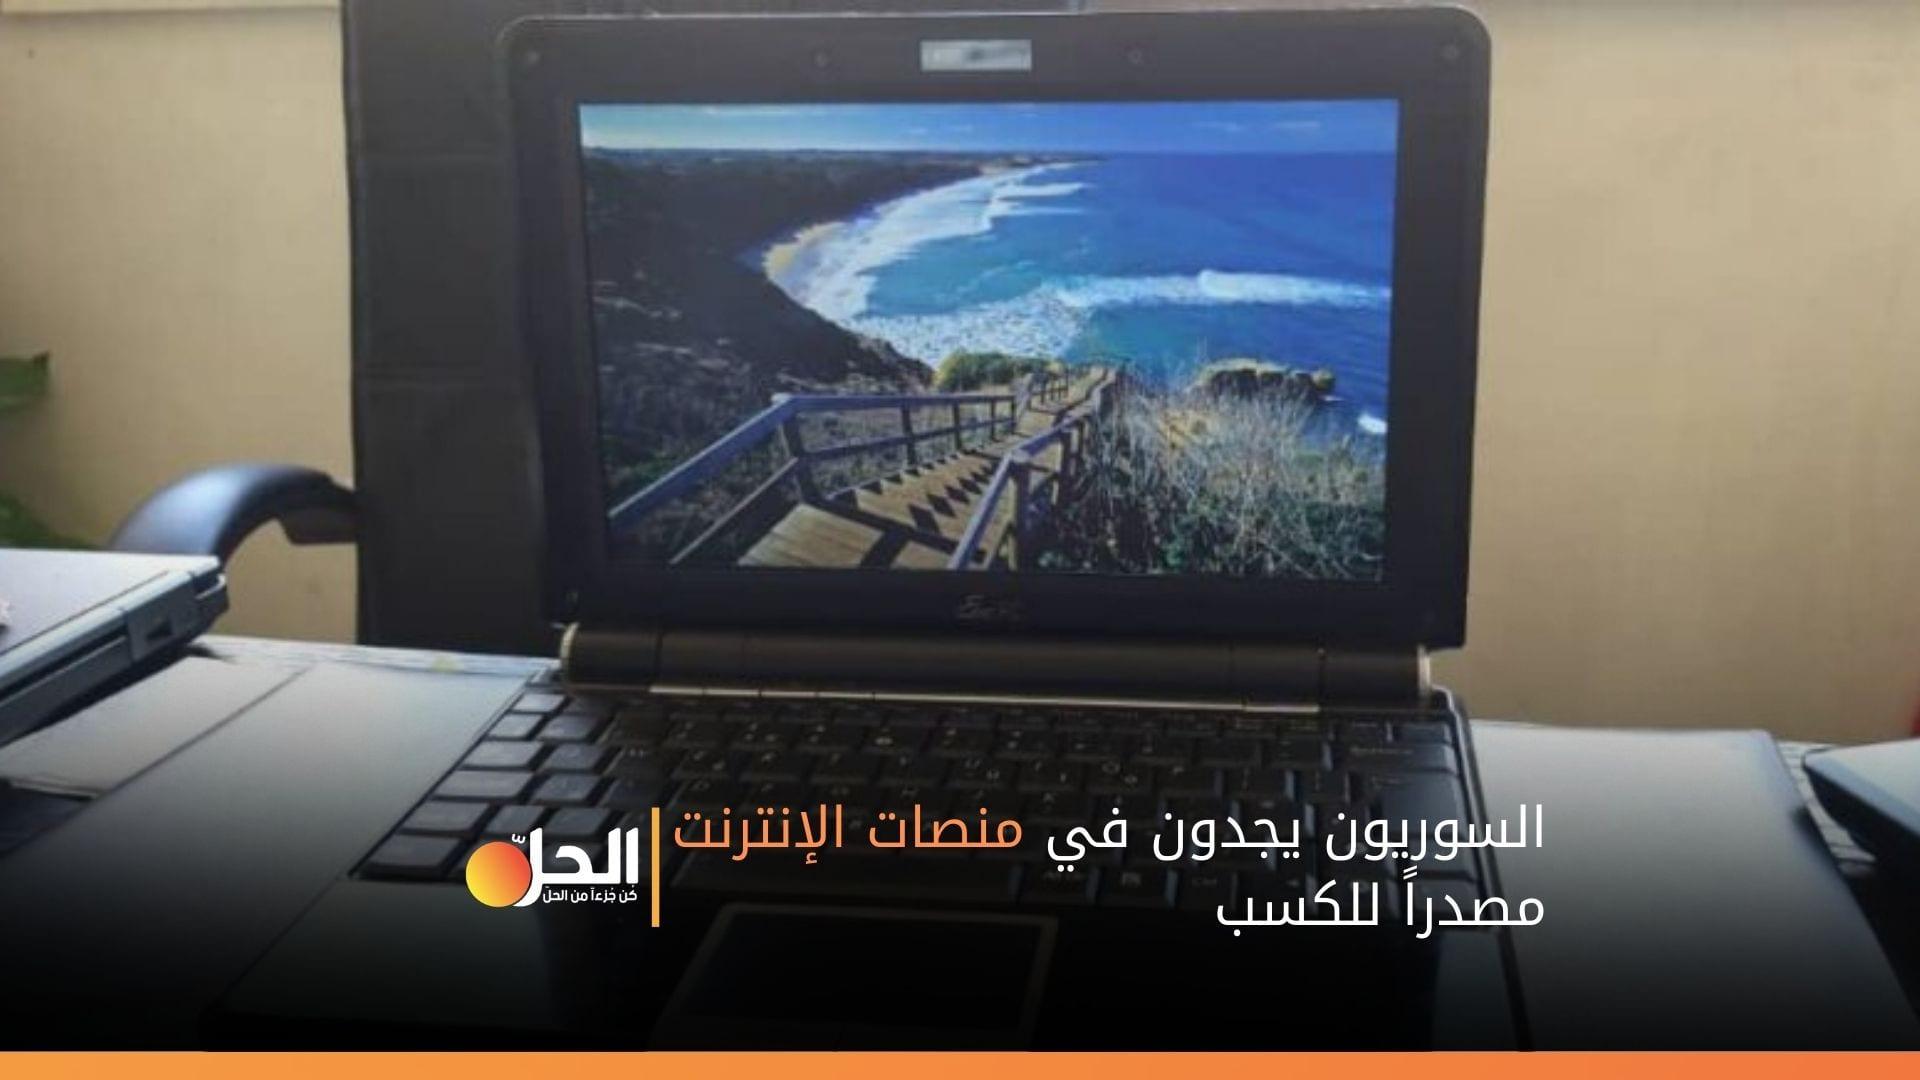 السوريون يجدون في منصات الإنترنت مصدراً للكسب